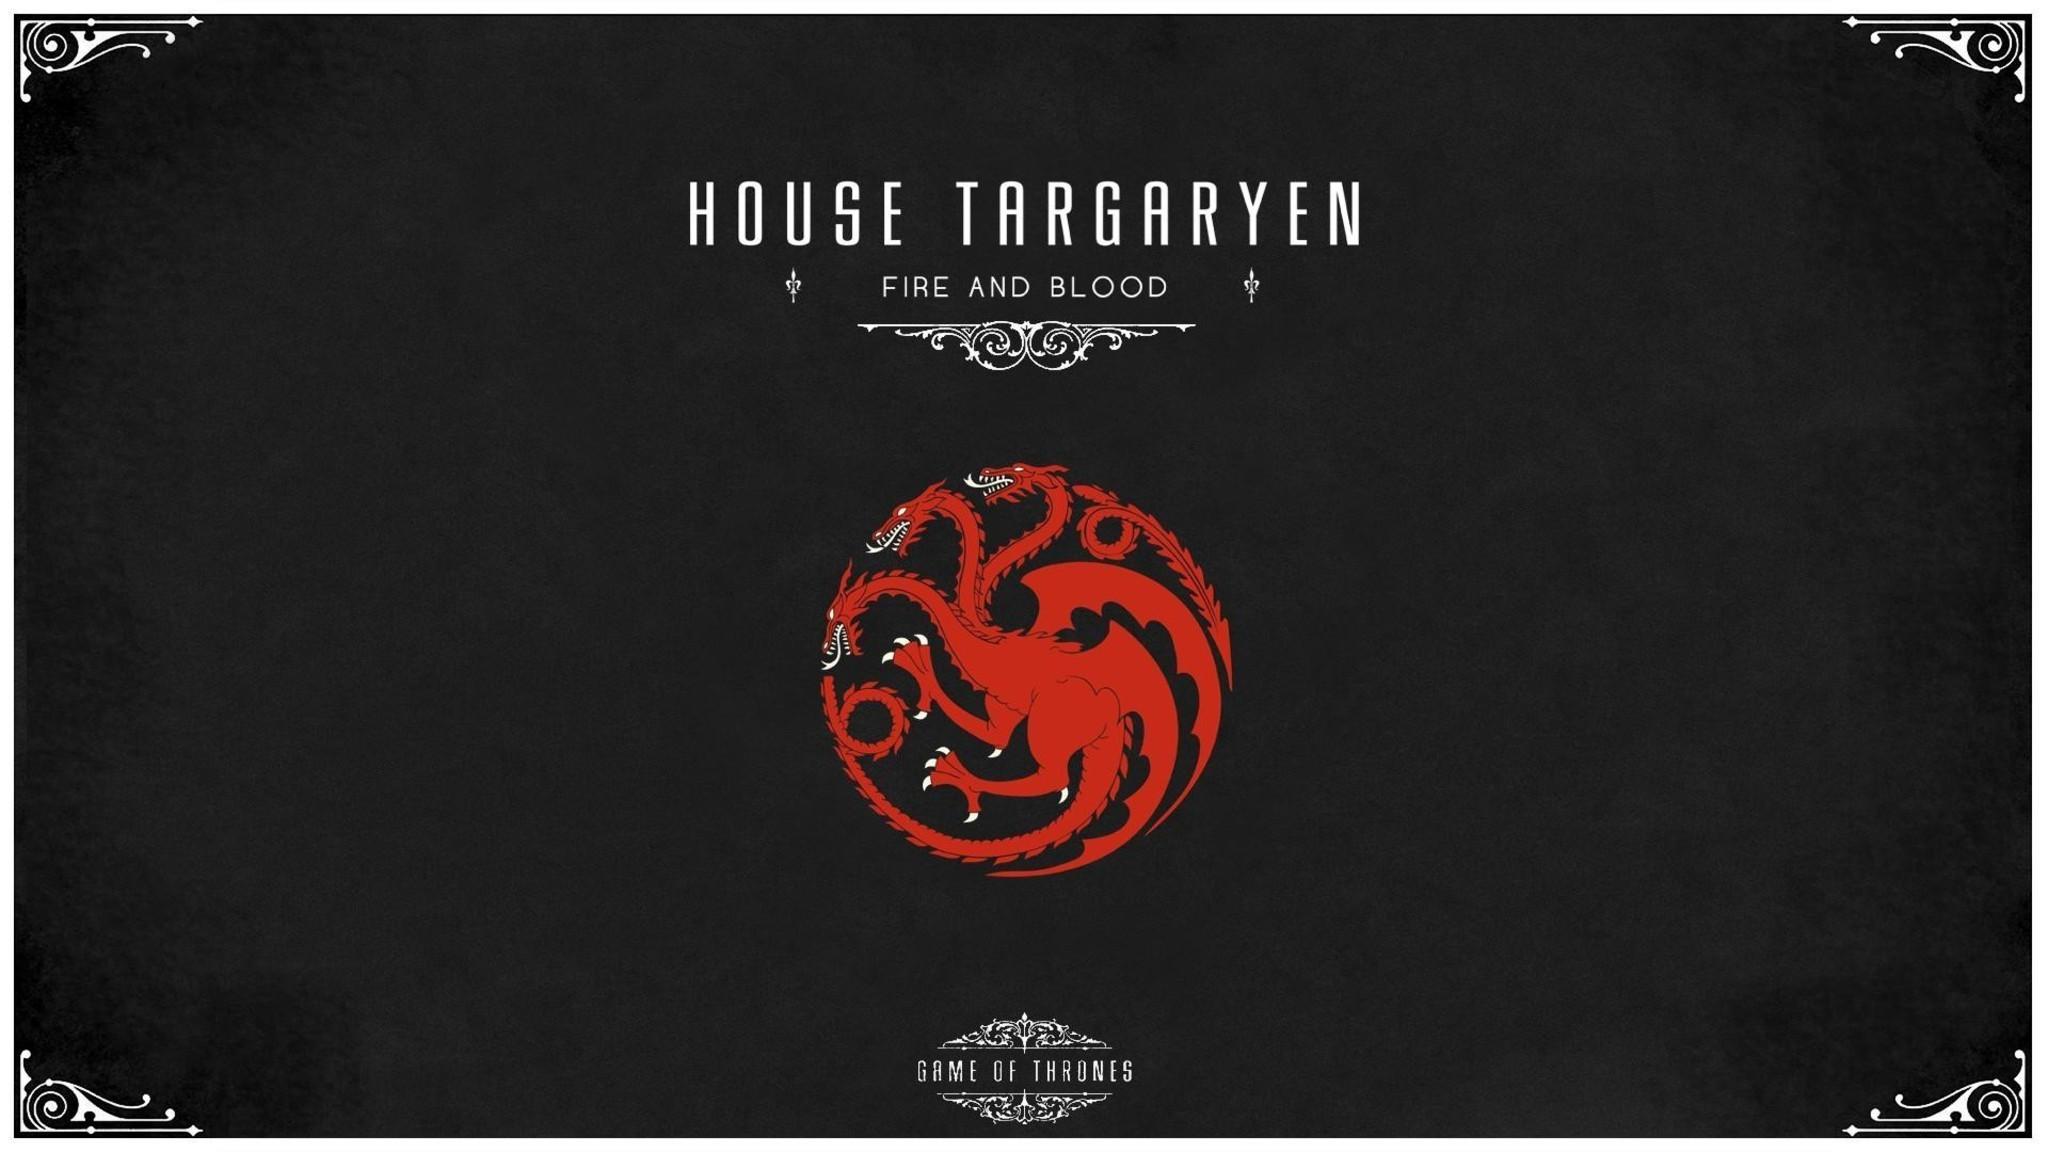 Filename: game-of-thrones-house-targaryen-2048×1152-wallpaper.jpg